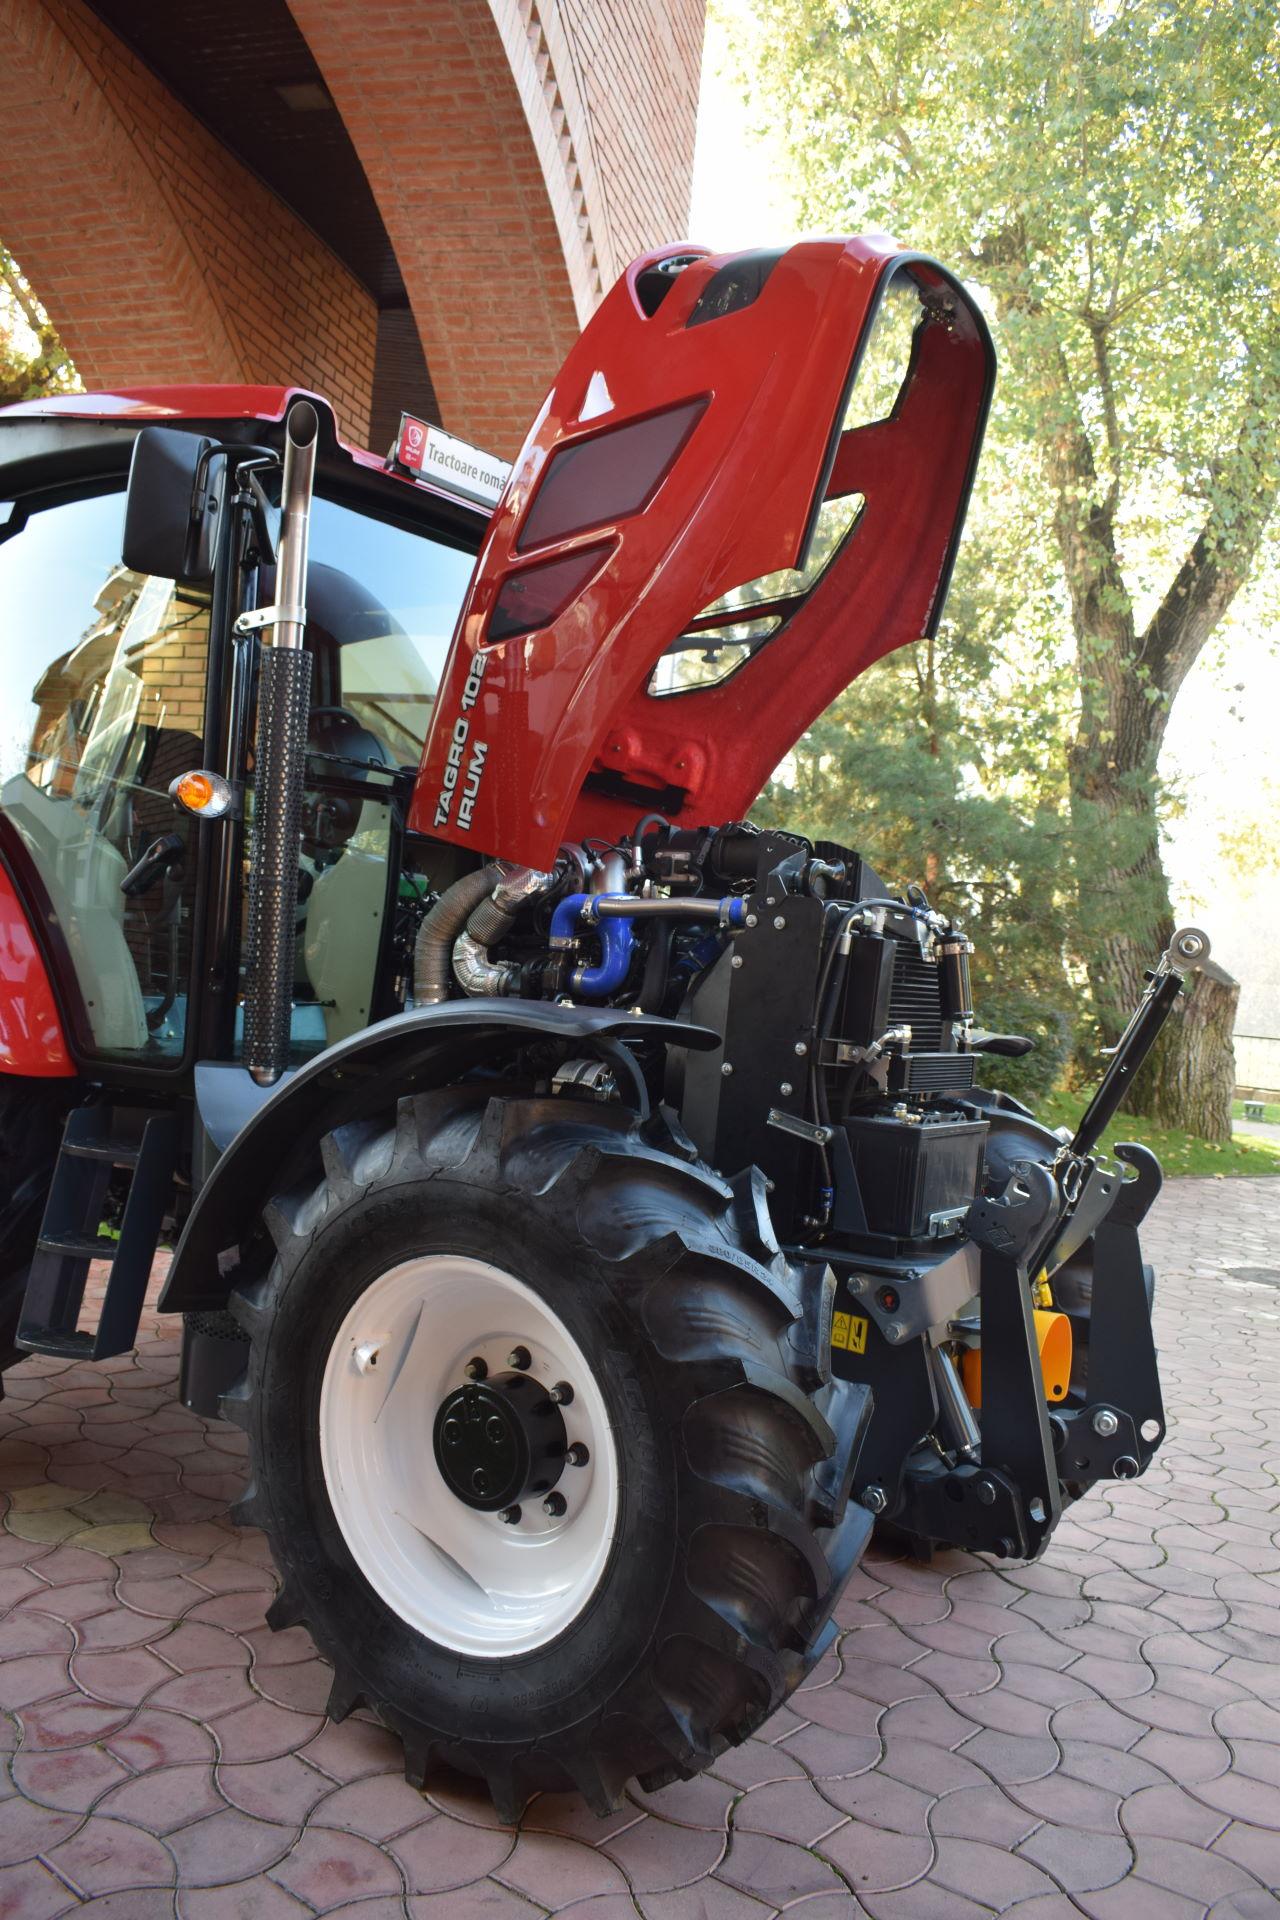 Tractor romanesc Tagro Irum ridicata